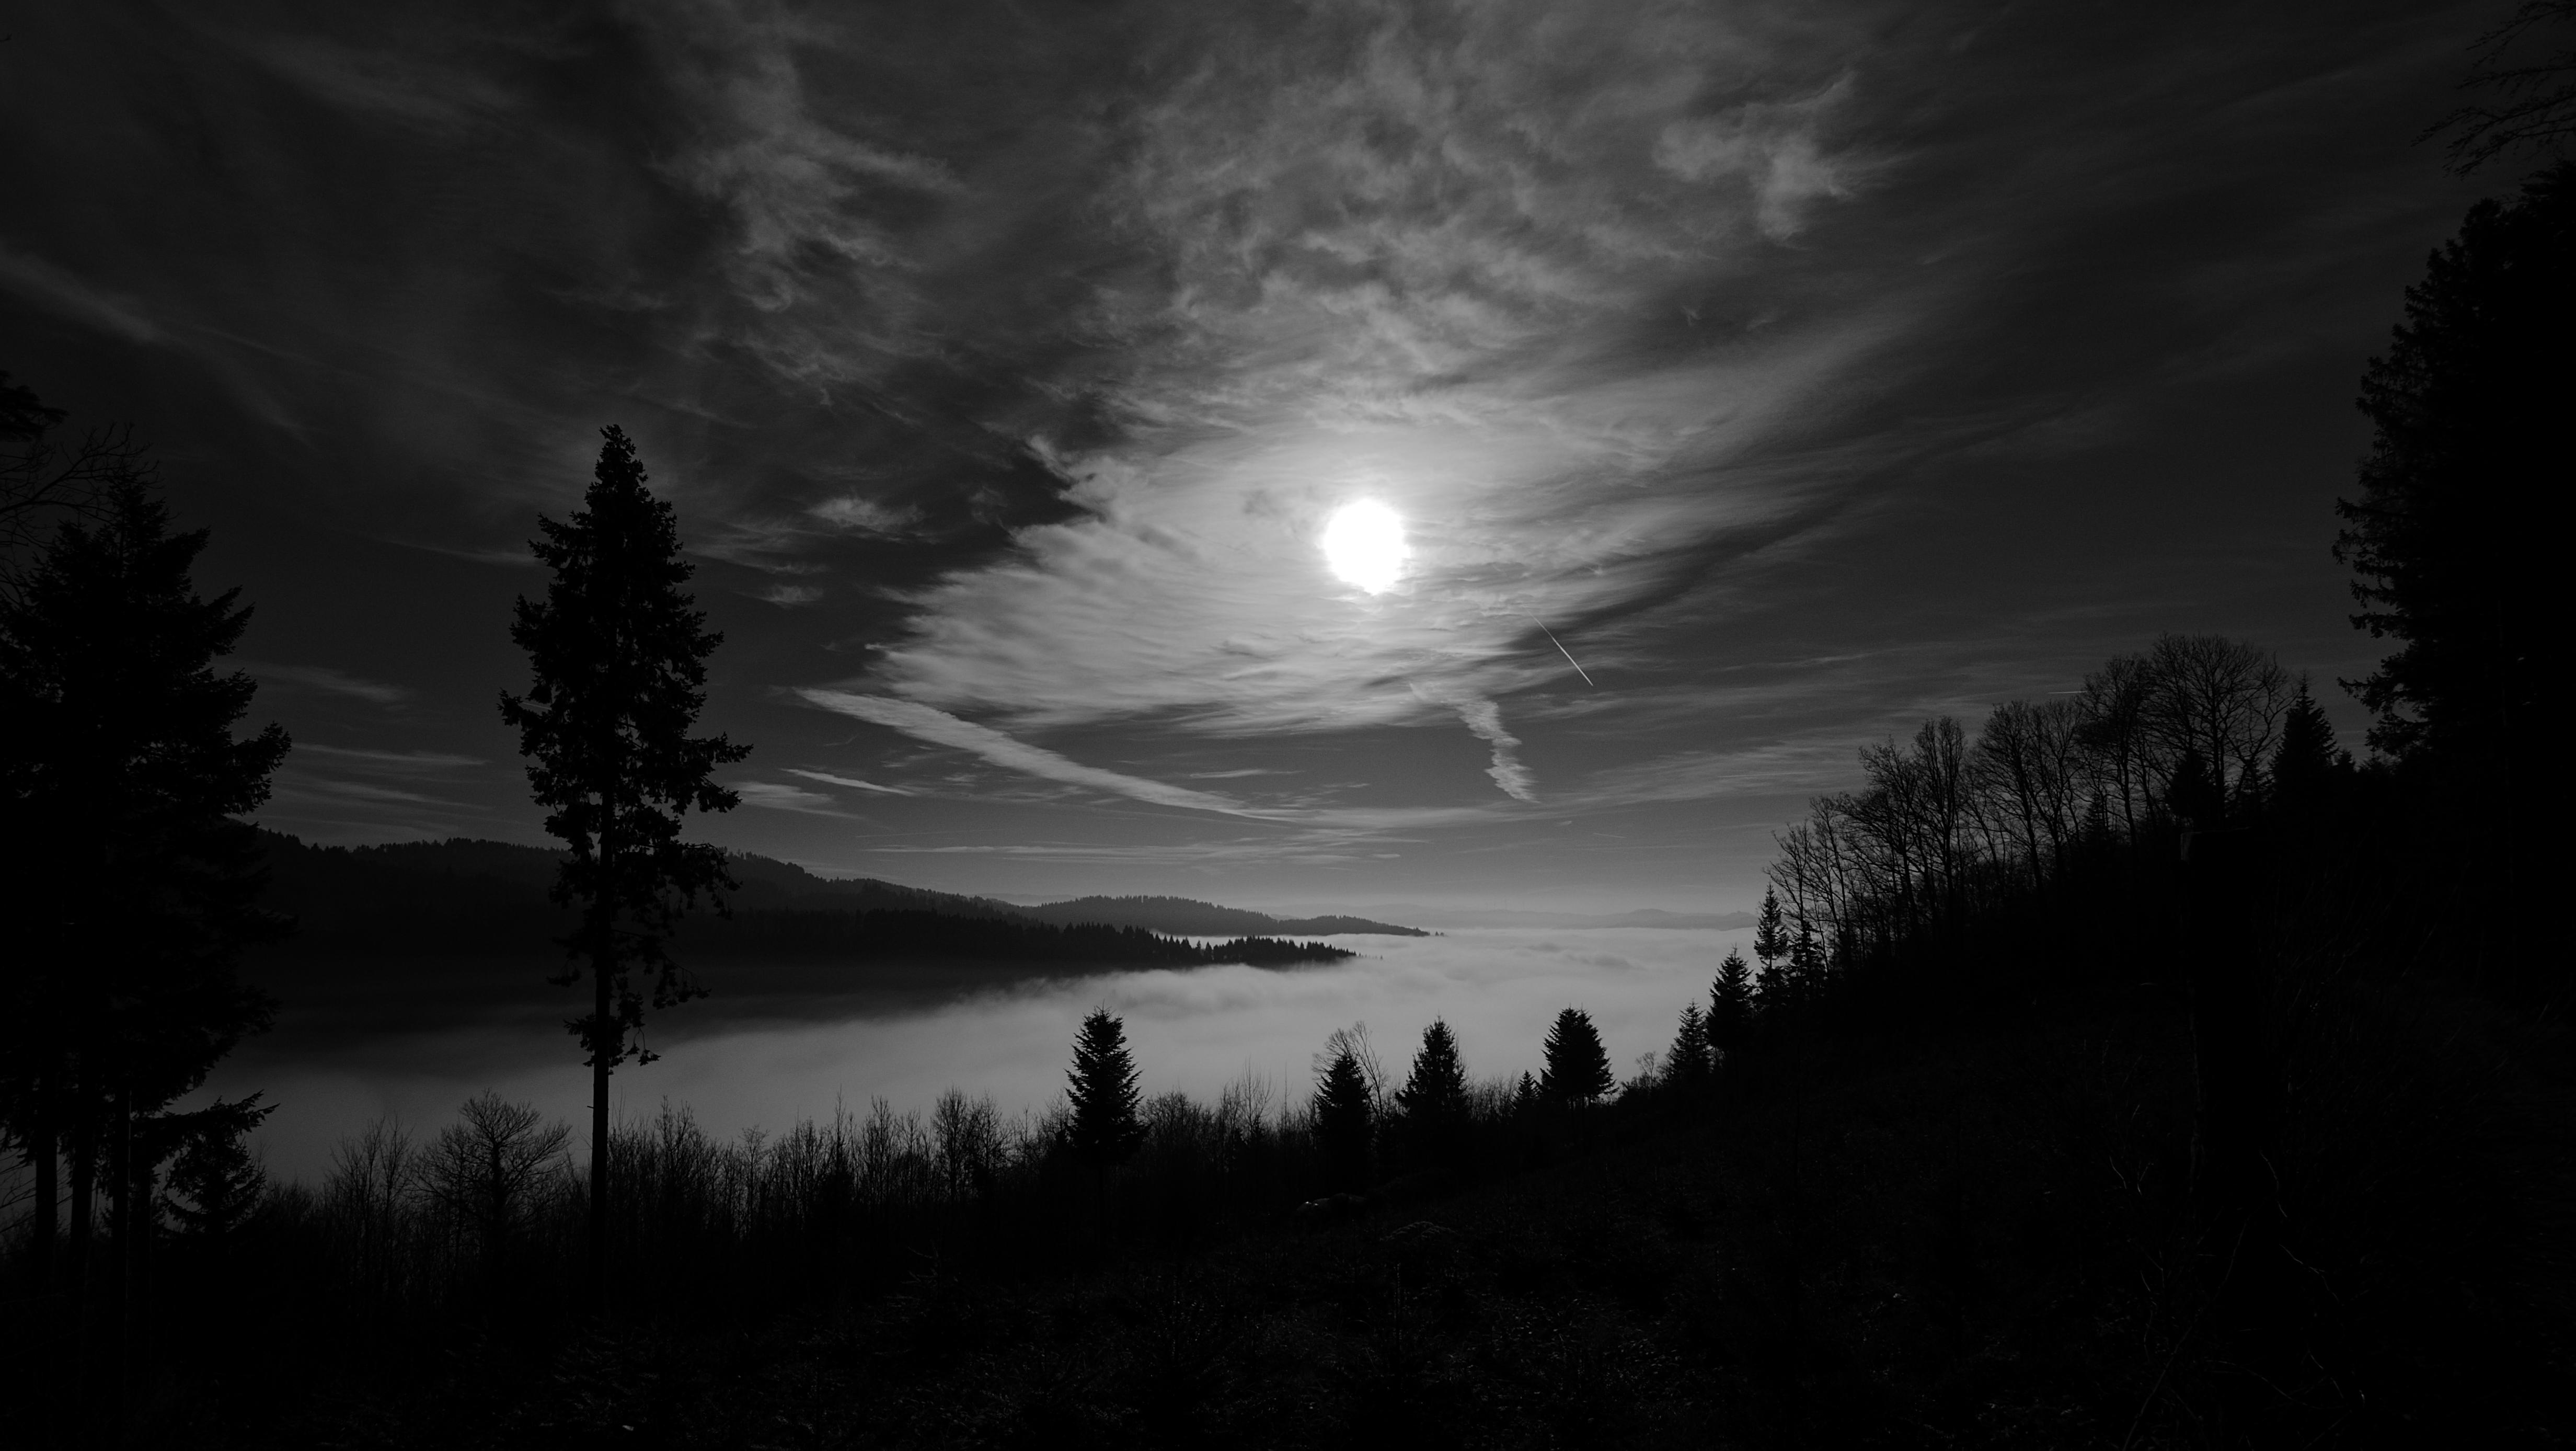 96012 скачать обои Природа, Деревья, Небо, Луна, Лес, Чб - заставки и картинки бесплатно